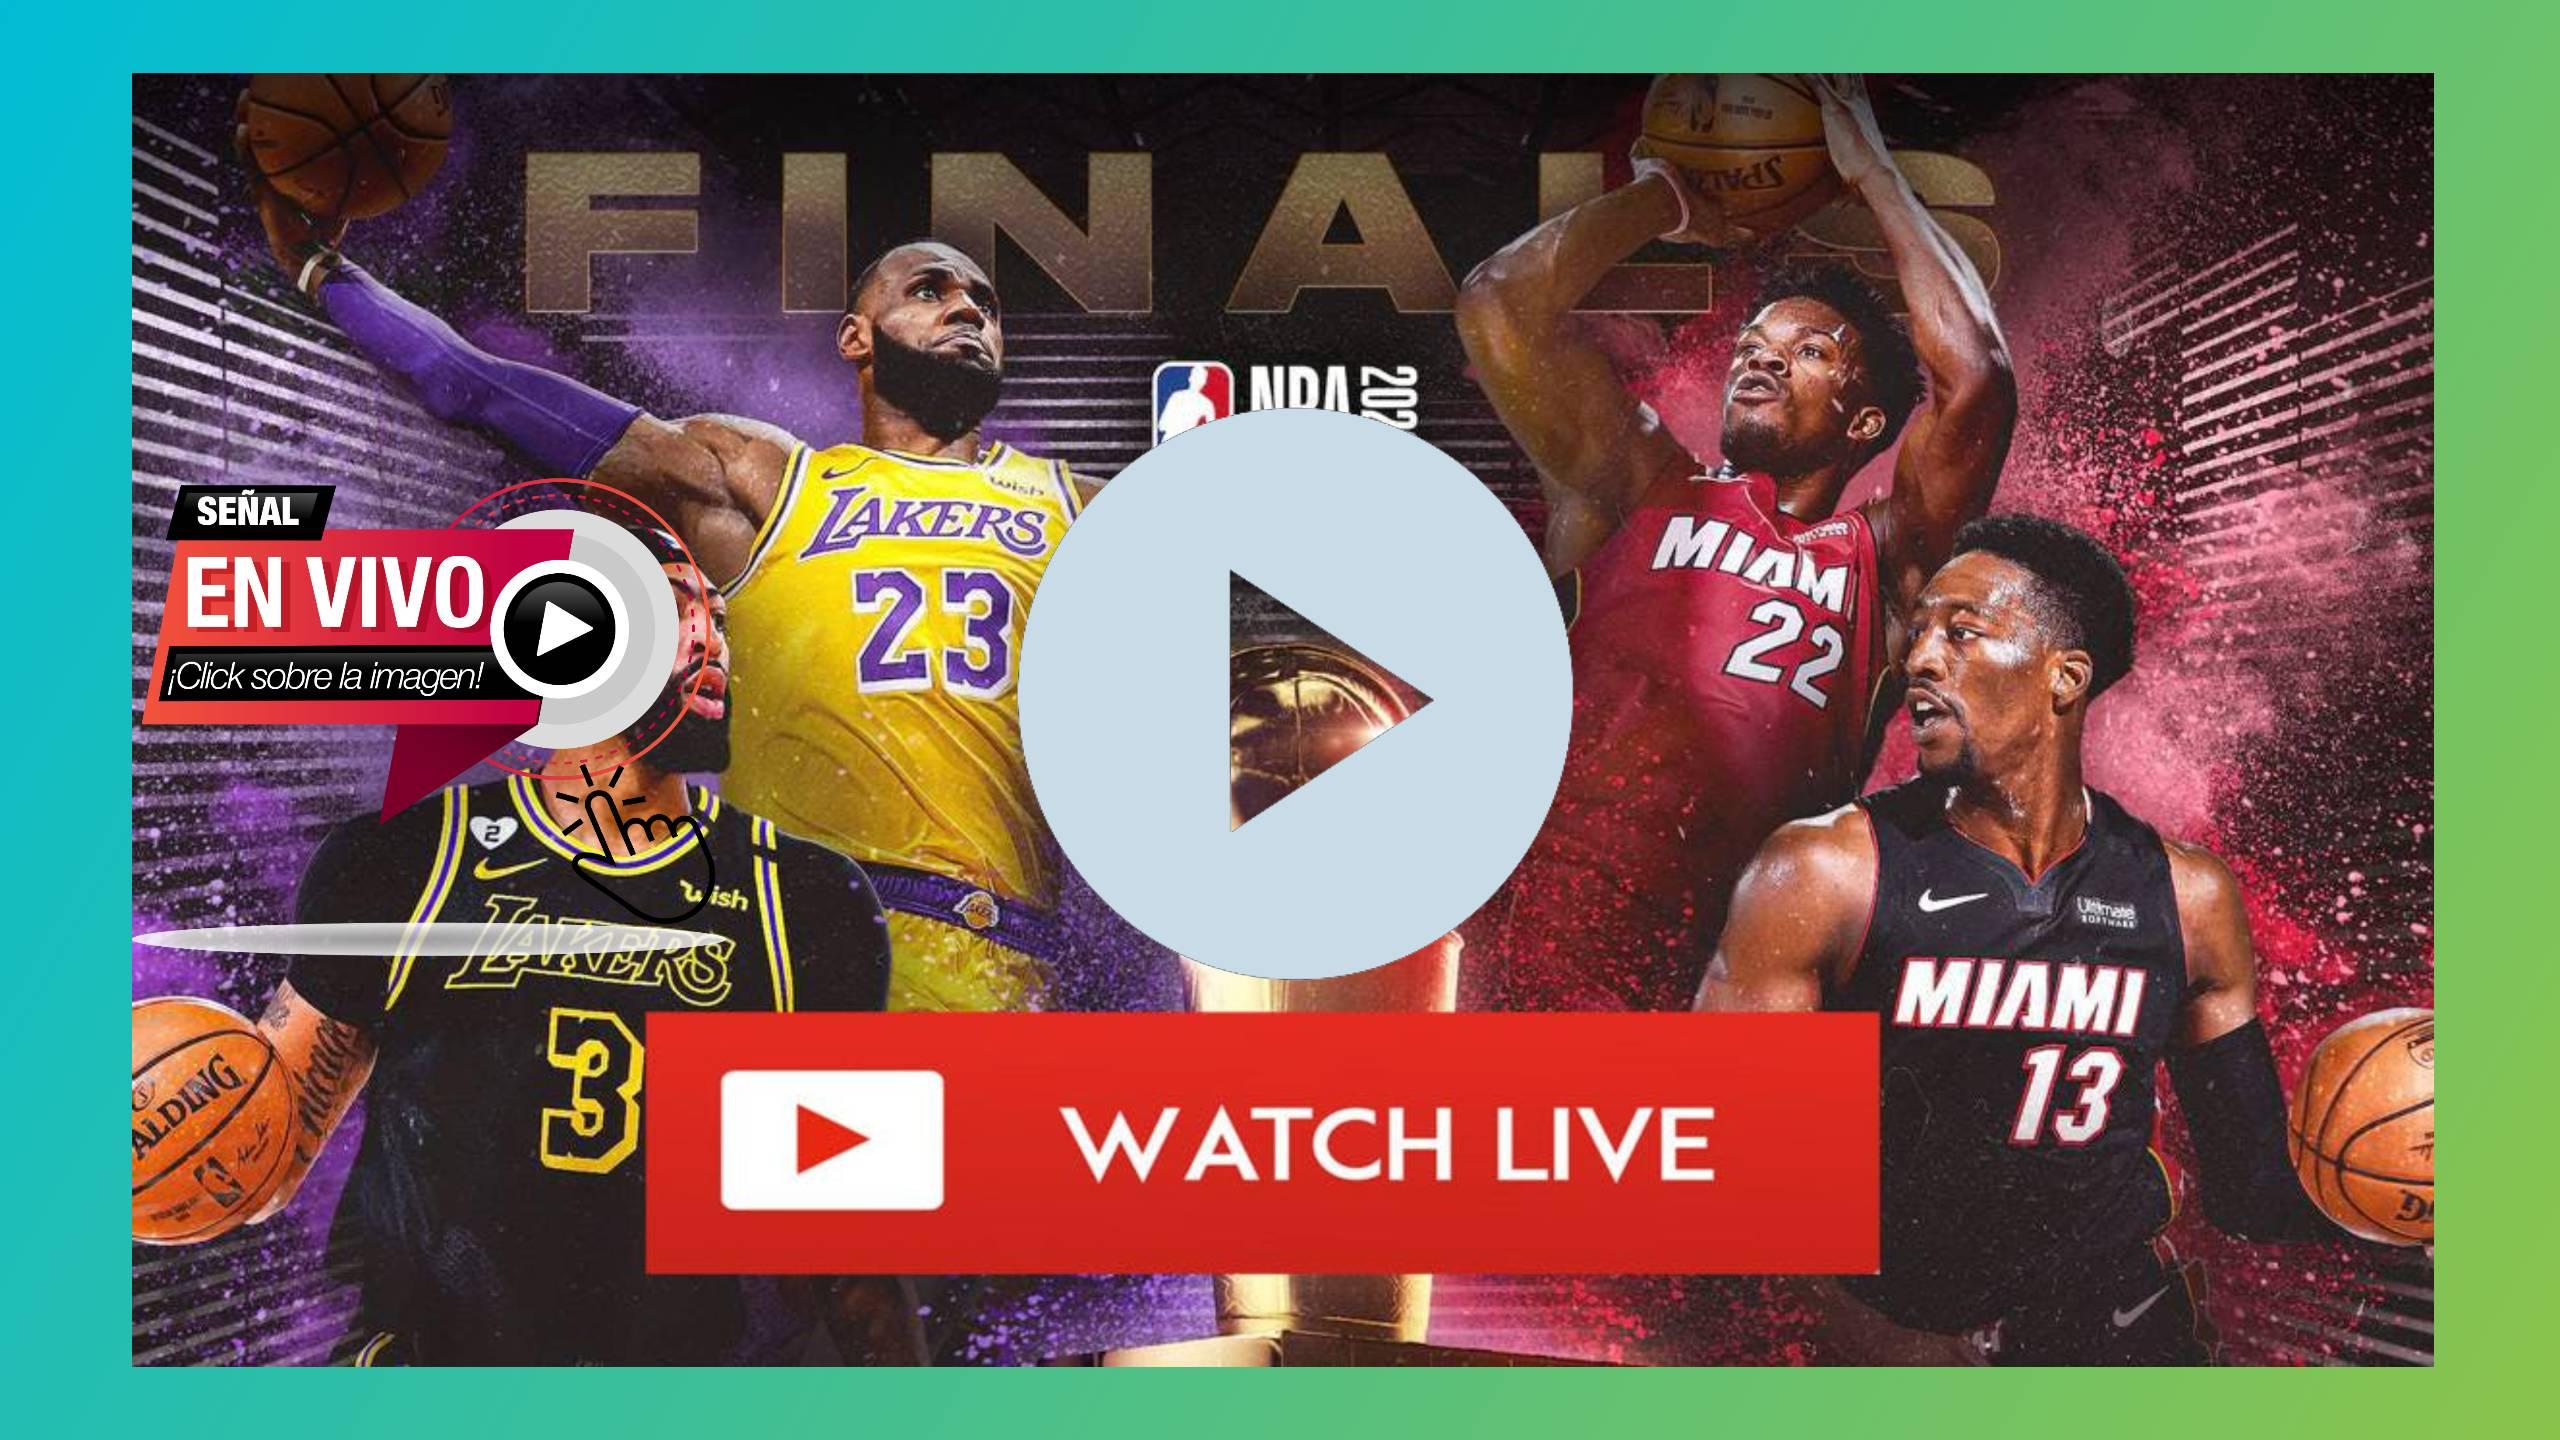 EN DIRECTO HOY EN DIRECTO Lakers vs Heat transmisión en vivo